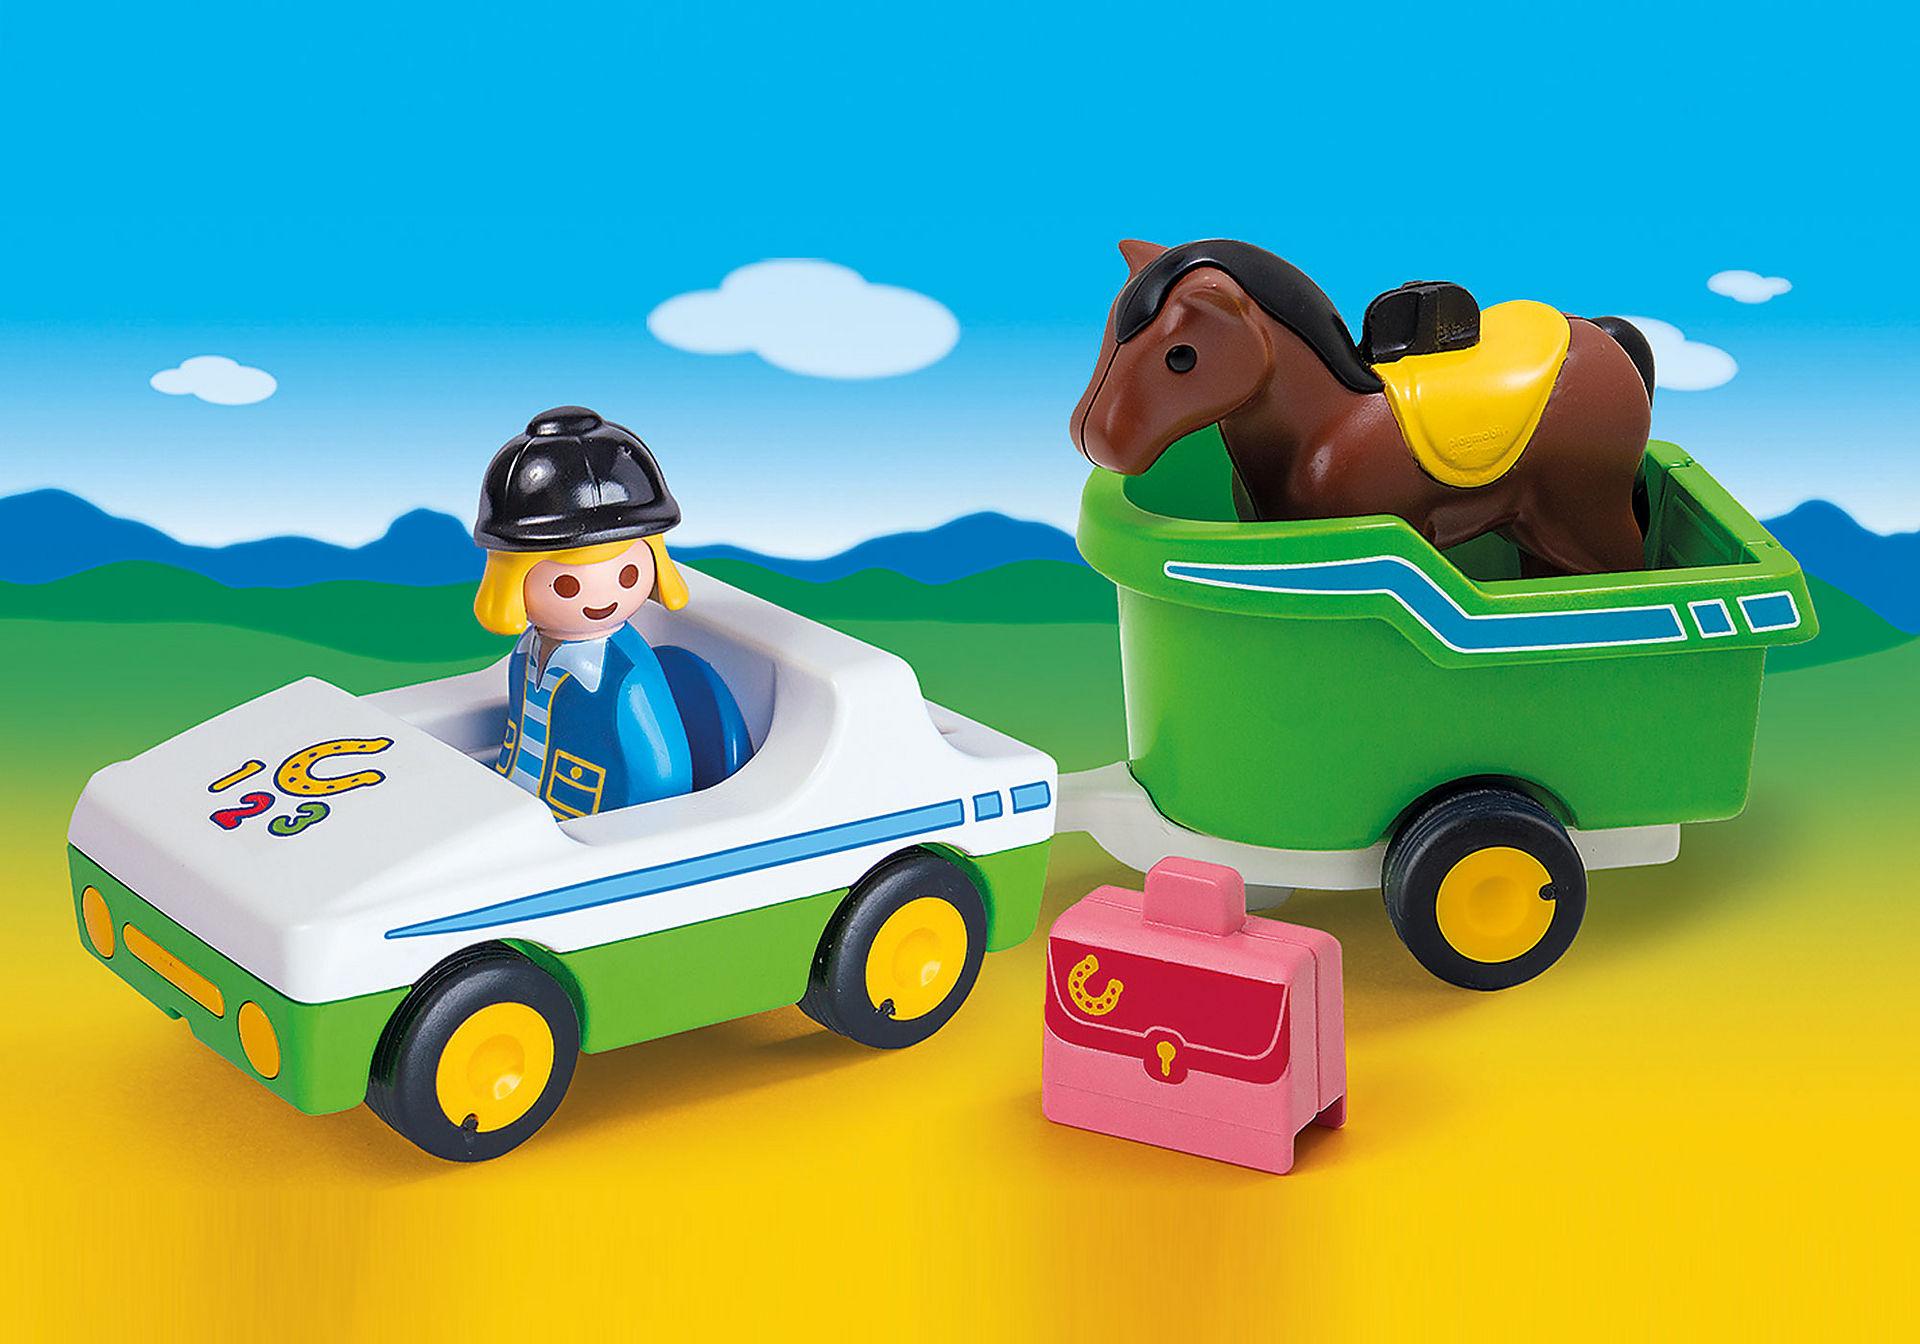 70181 Samochód z przyczepą dla konia zoom image1